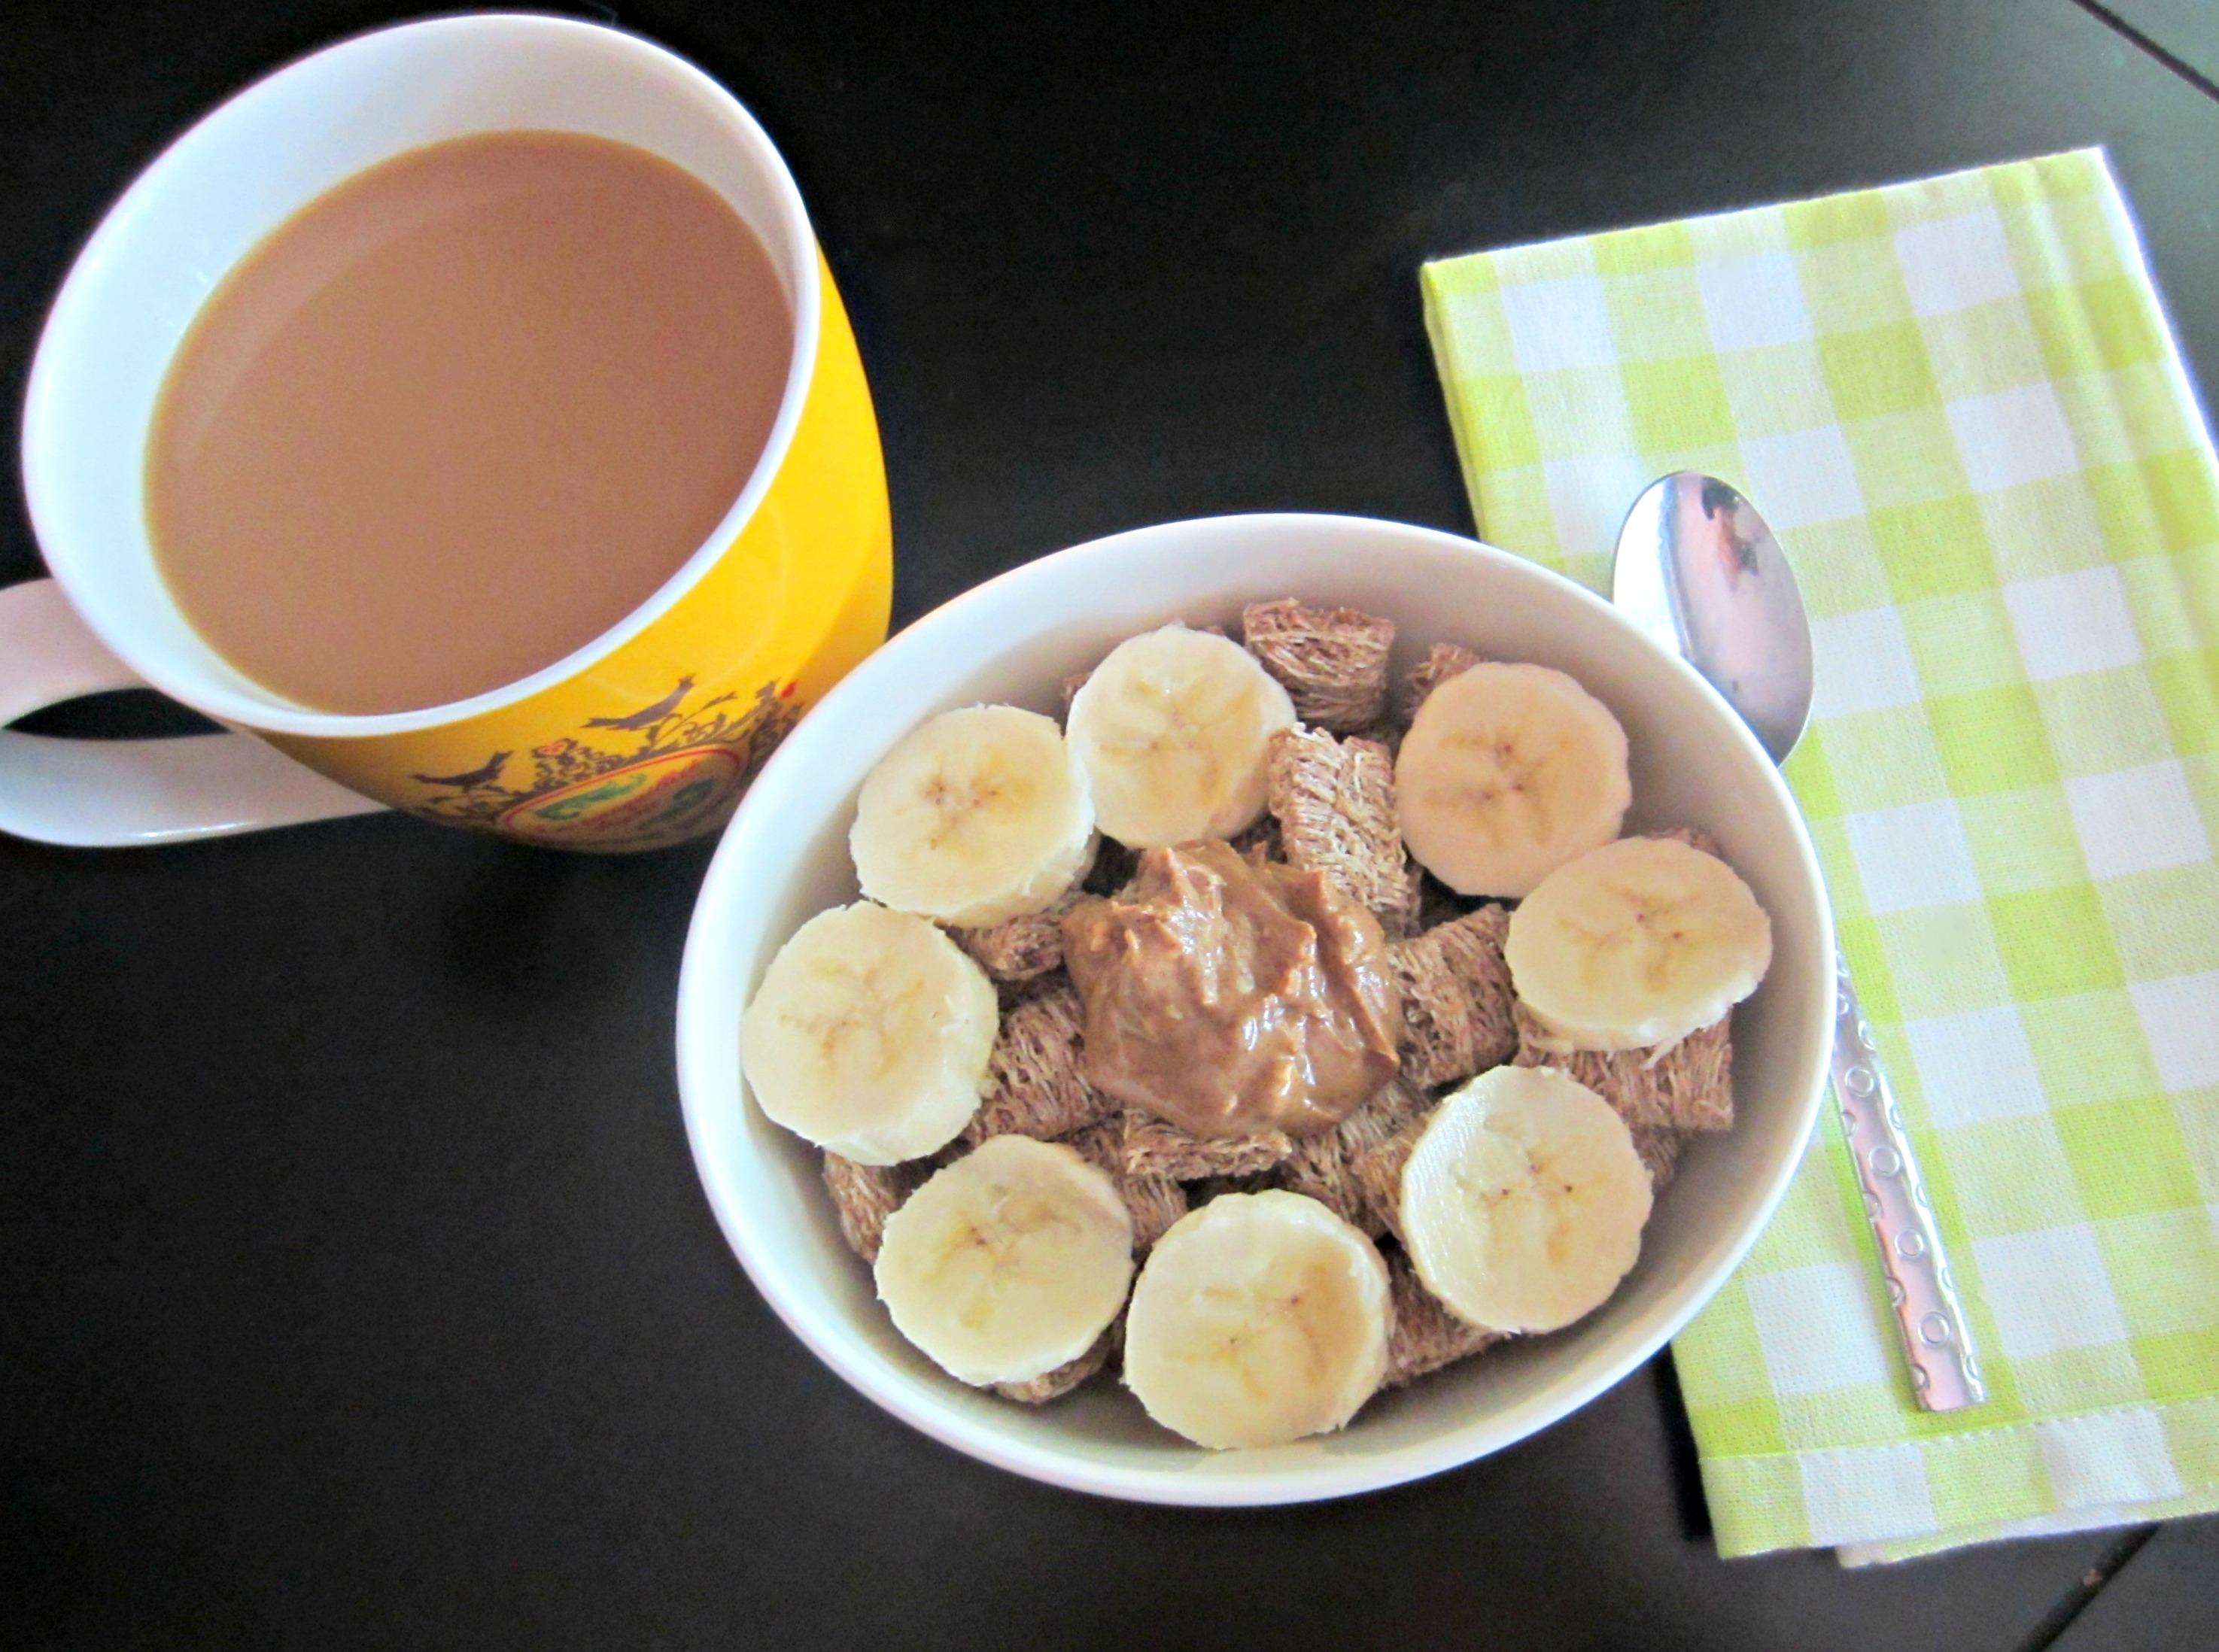 healthy cereal breakfast